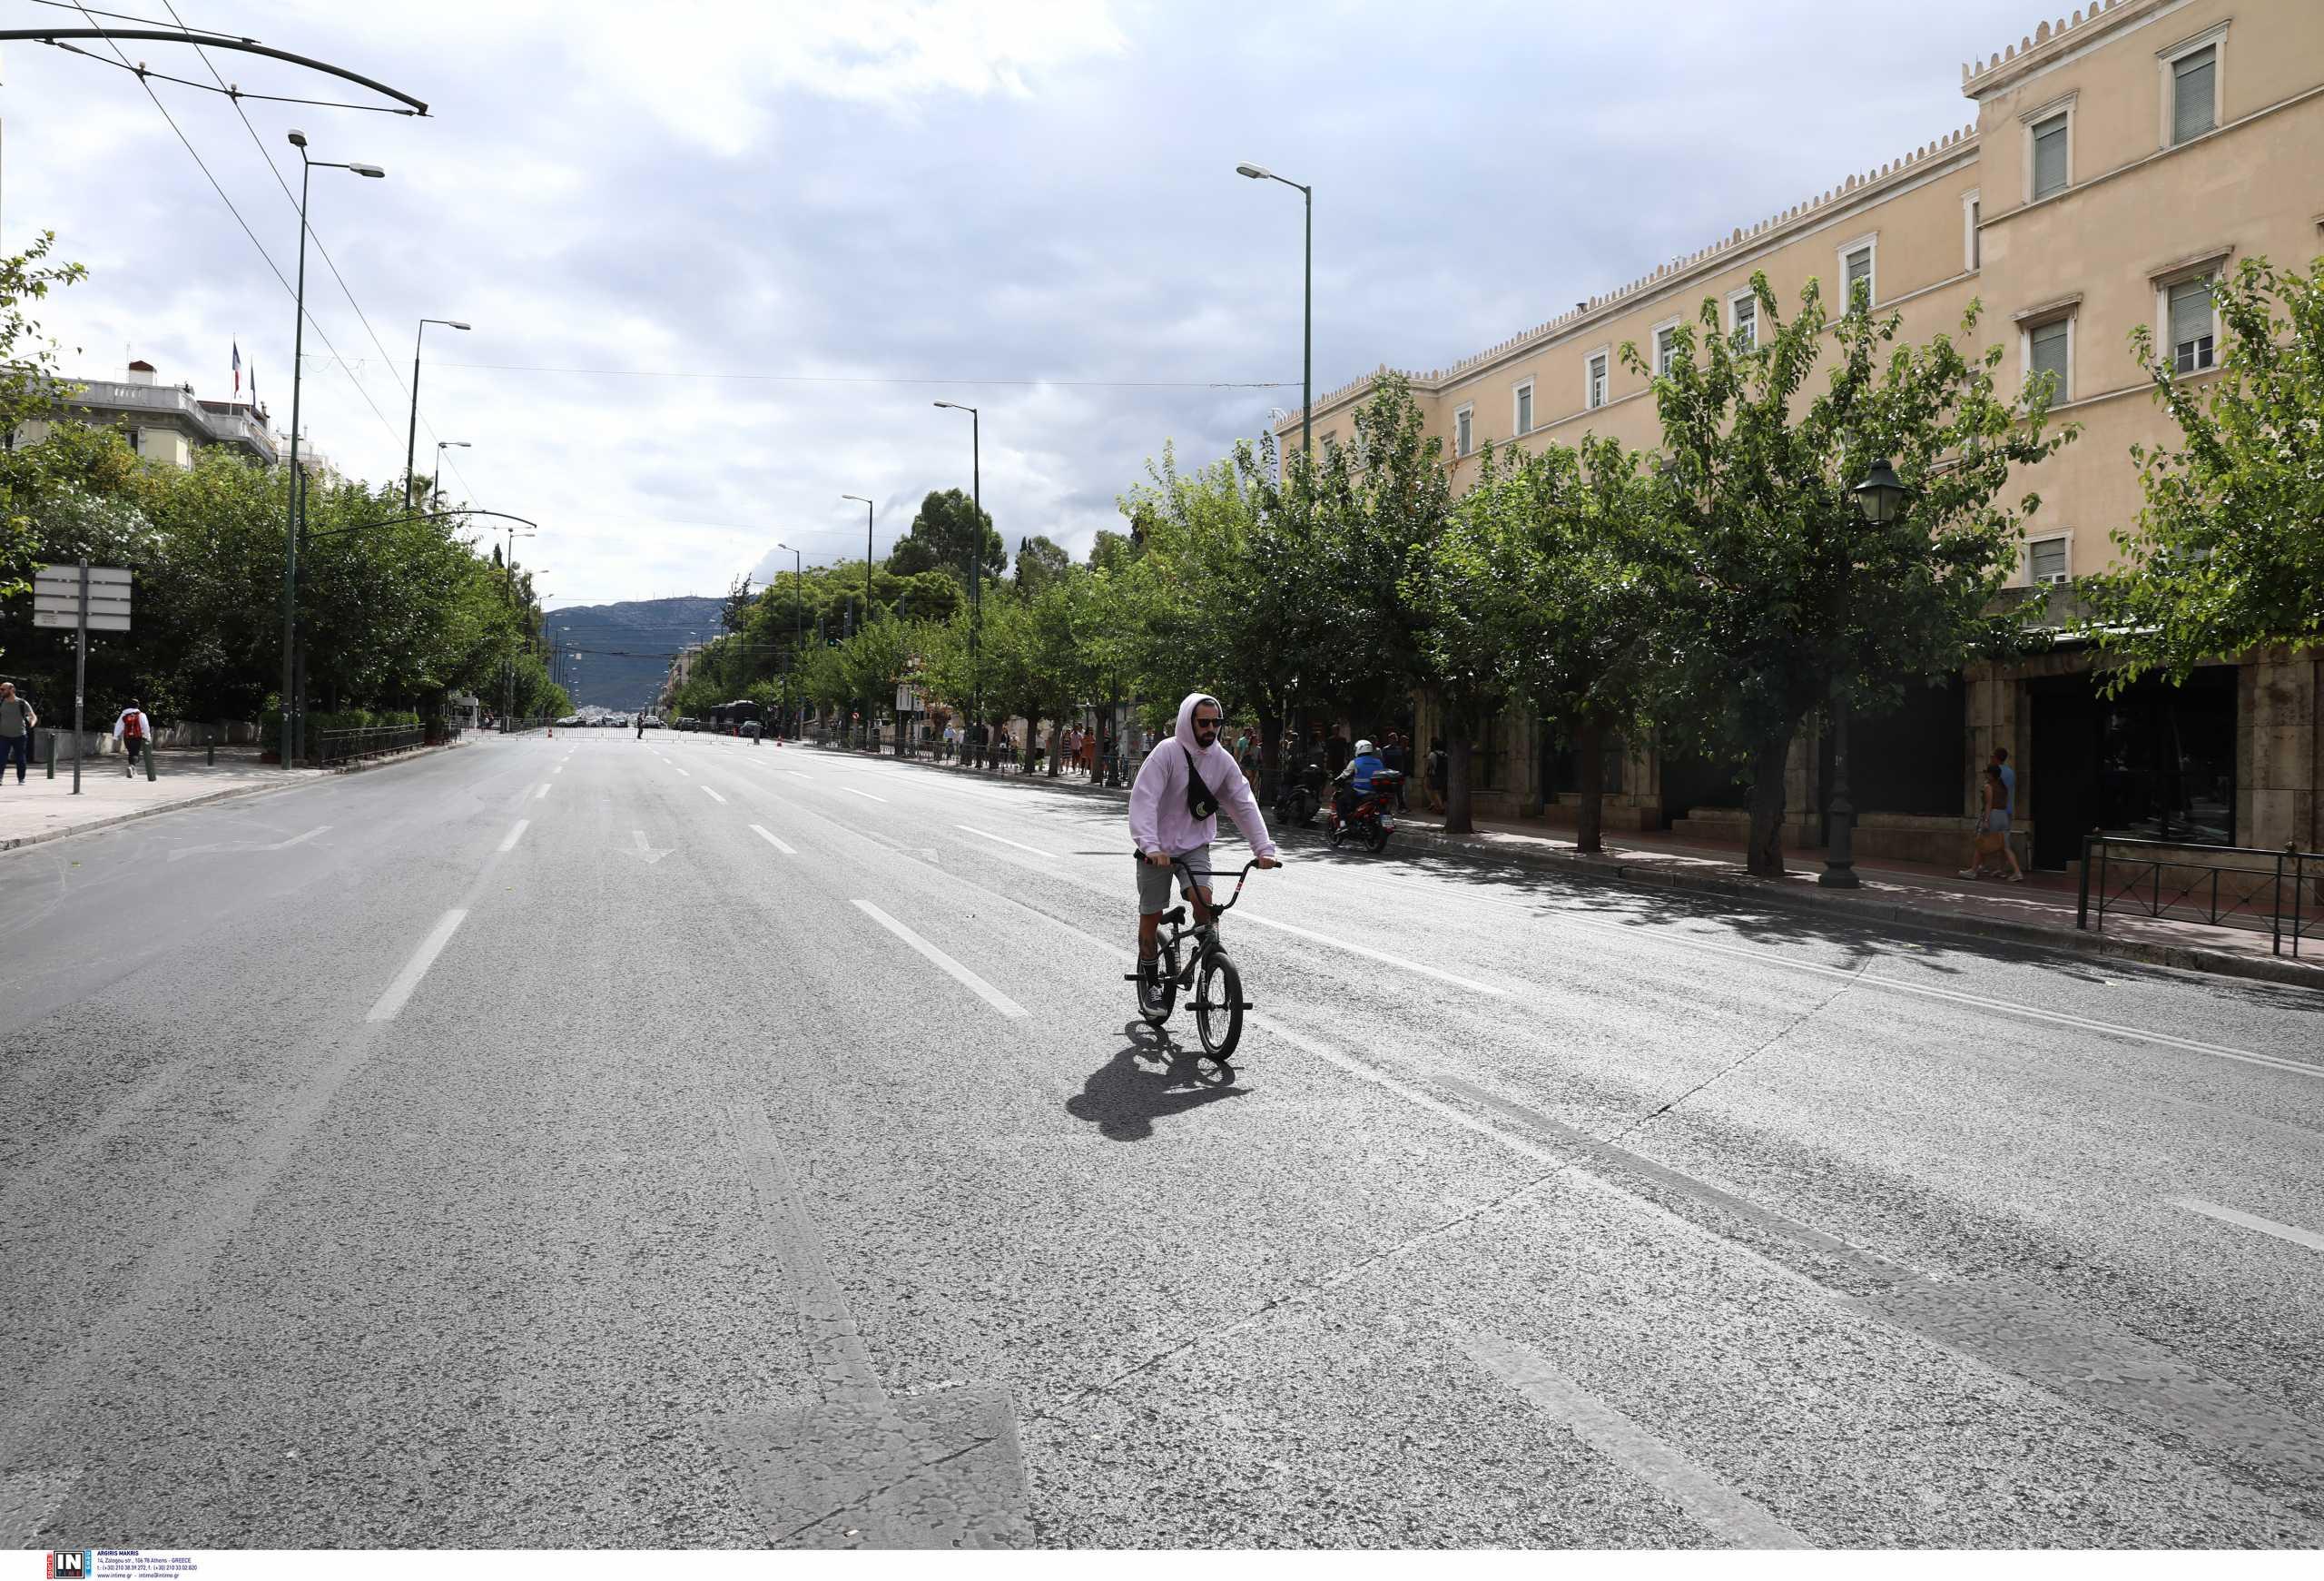 Το Ράλι Ακρόπολις «ερήμωσε» την Αθήνα – Σε ισχύ οι κυκλοφοριακές ρυθμίσεις